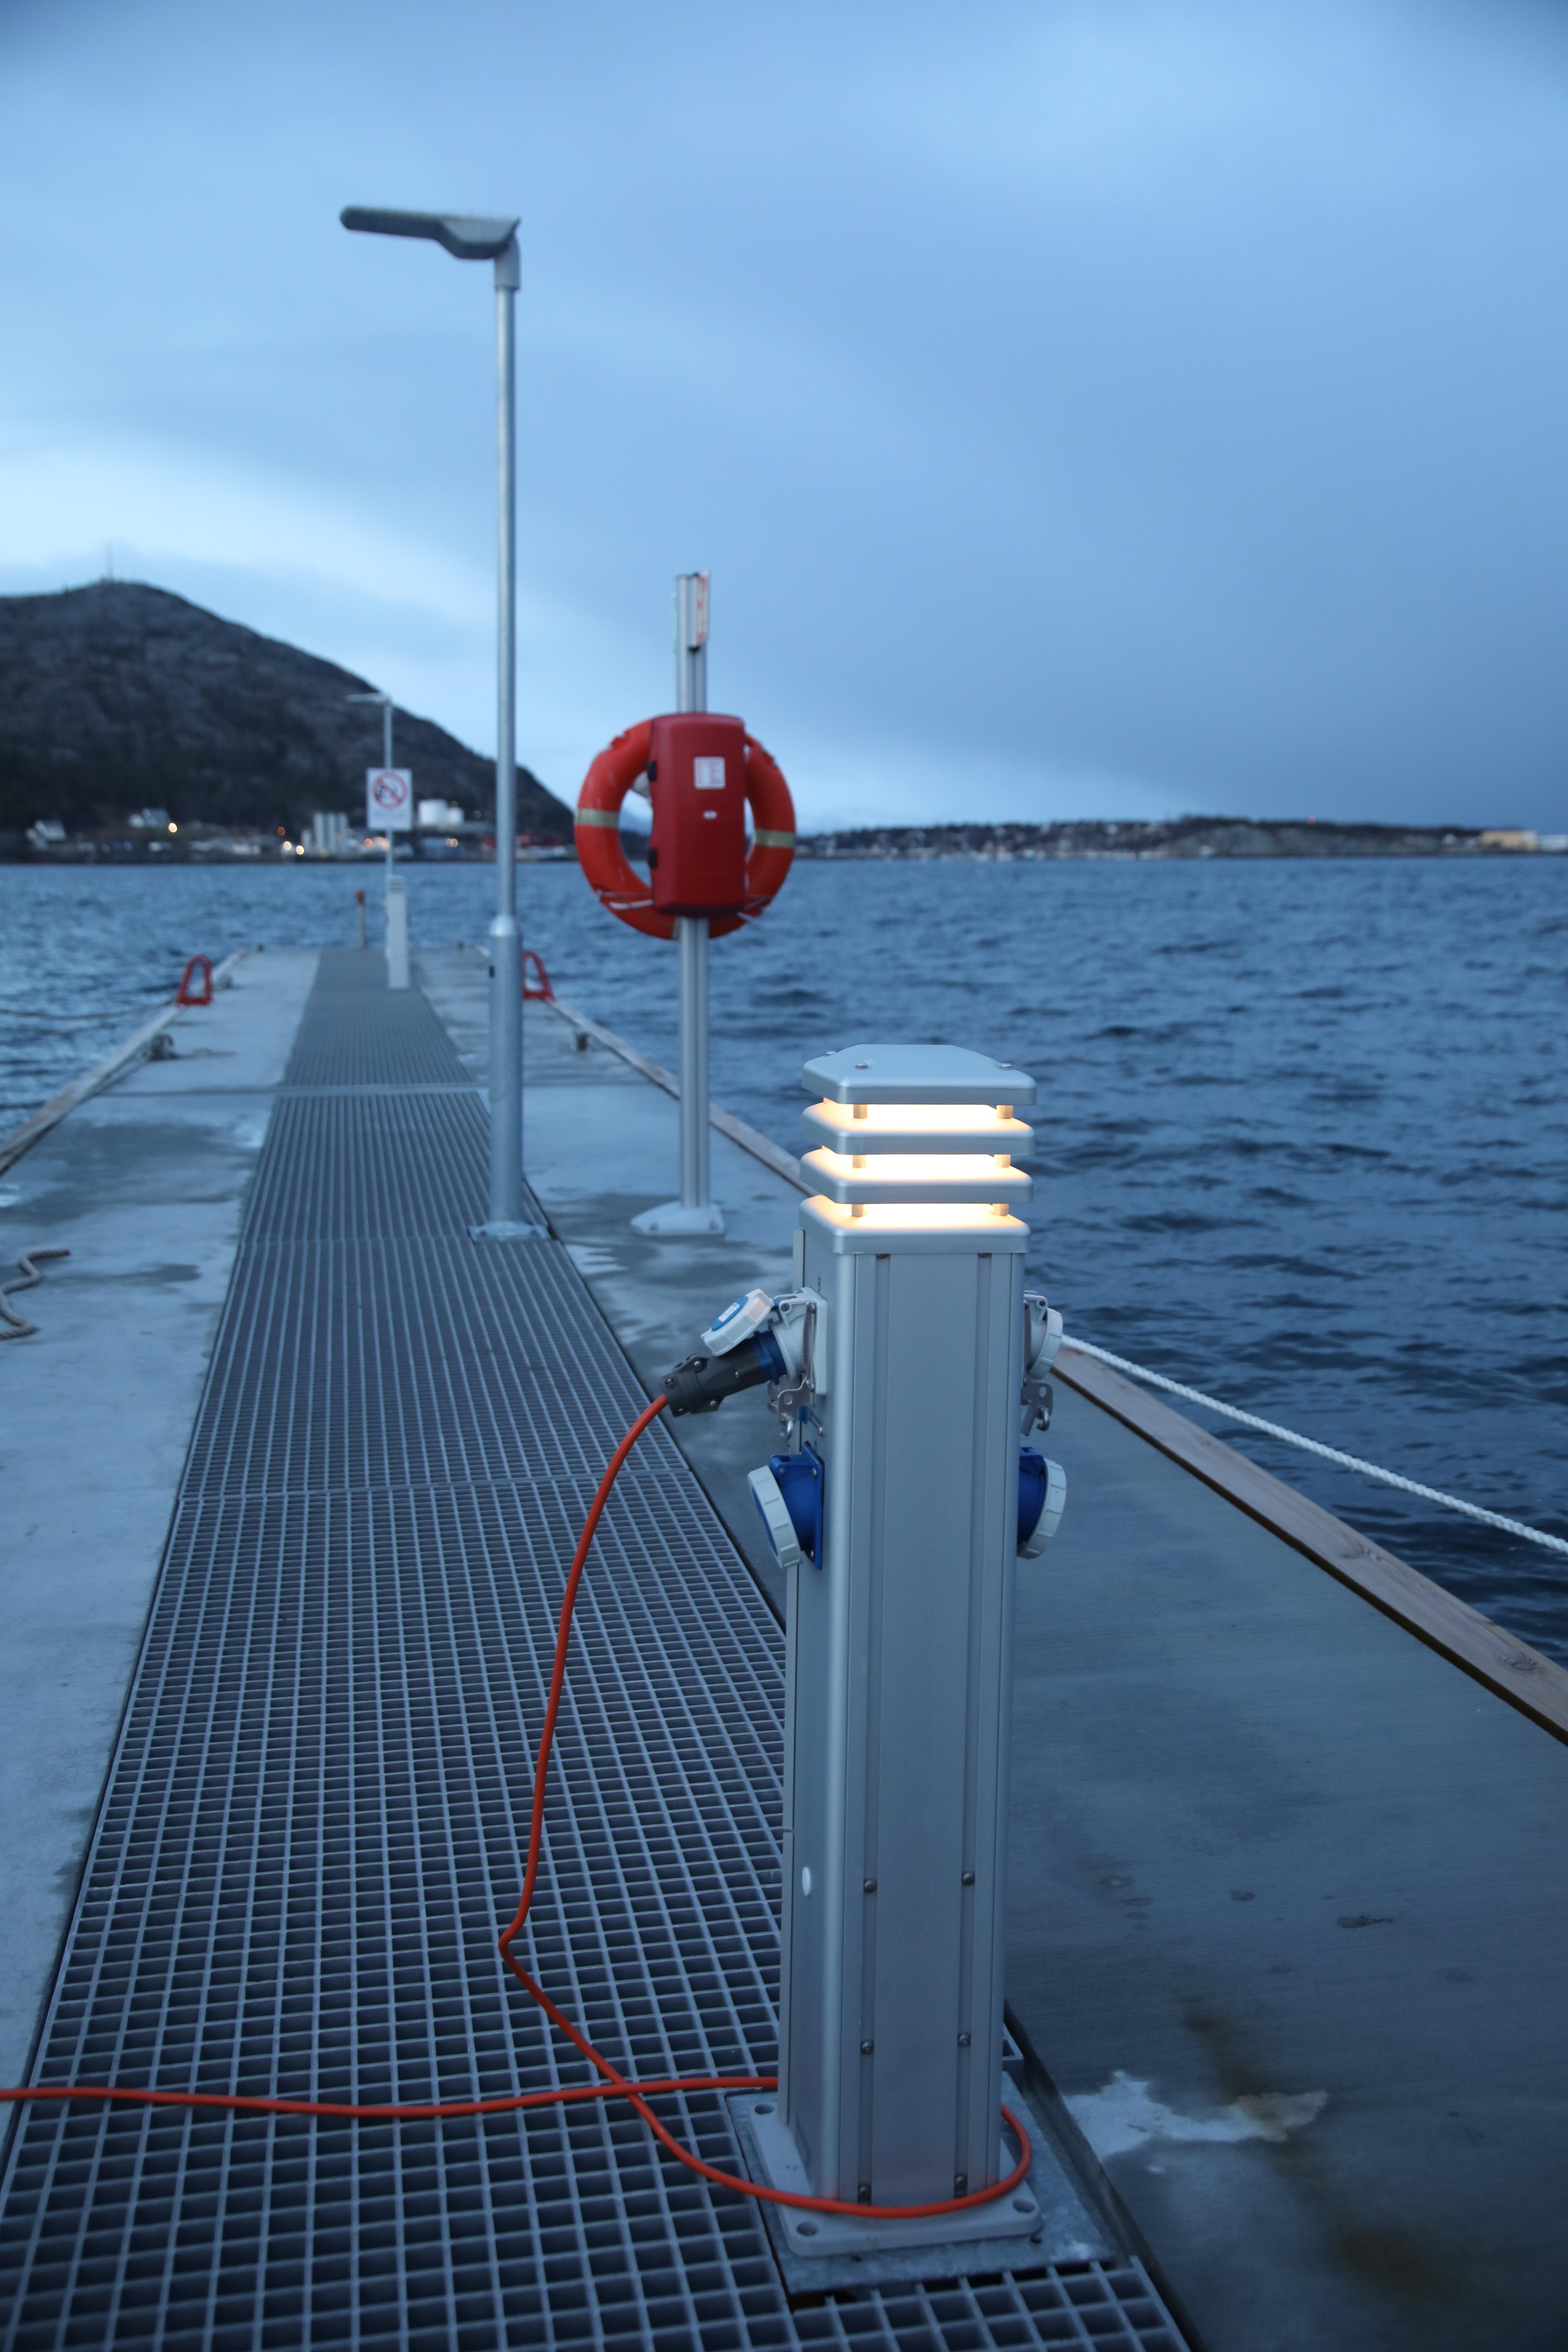 https://marinasolutions.no/uploads/Alta-Havn-bukta_Foto-Lars-Krempig_nov-2020-9.JPG